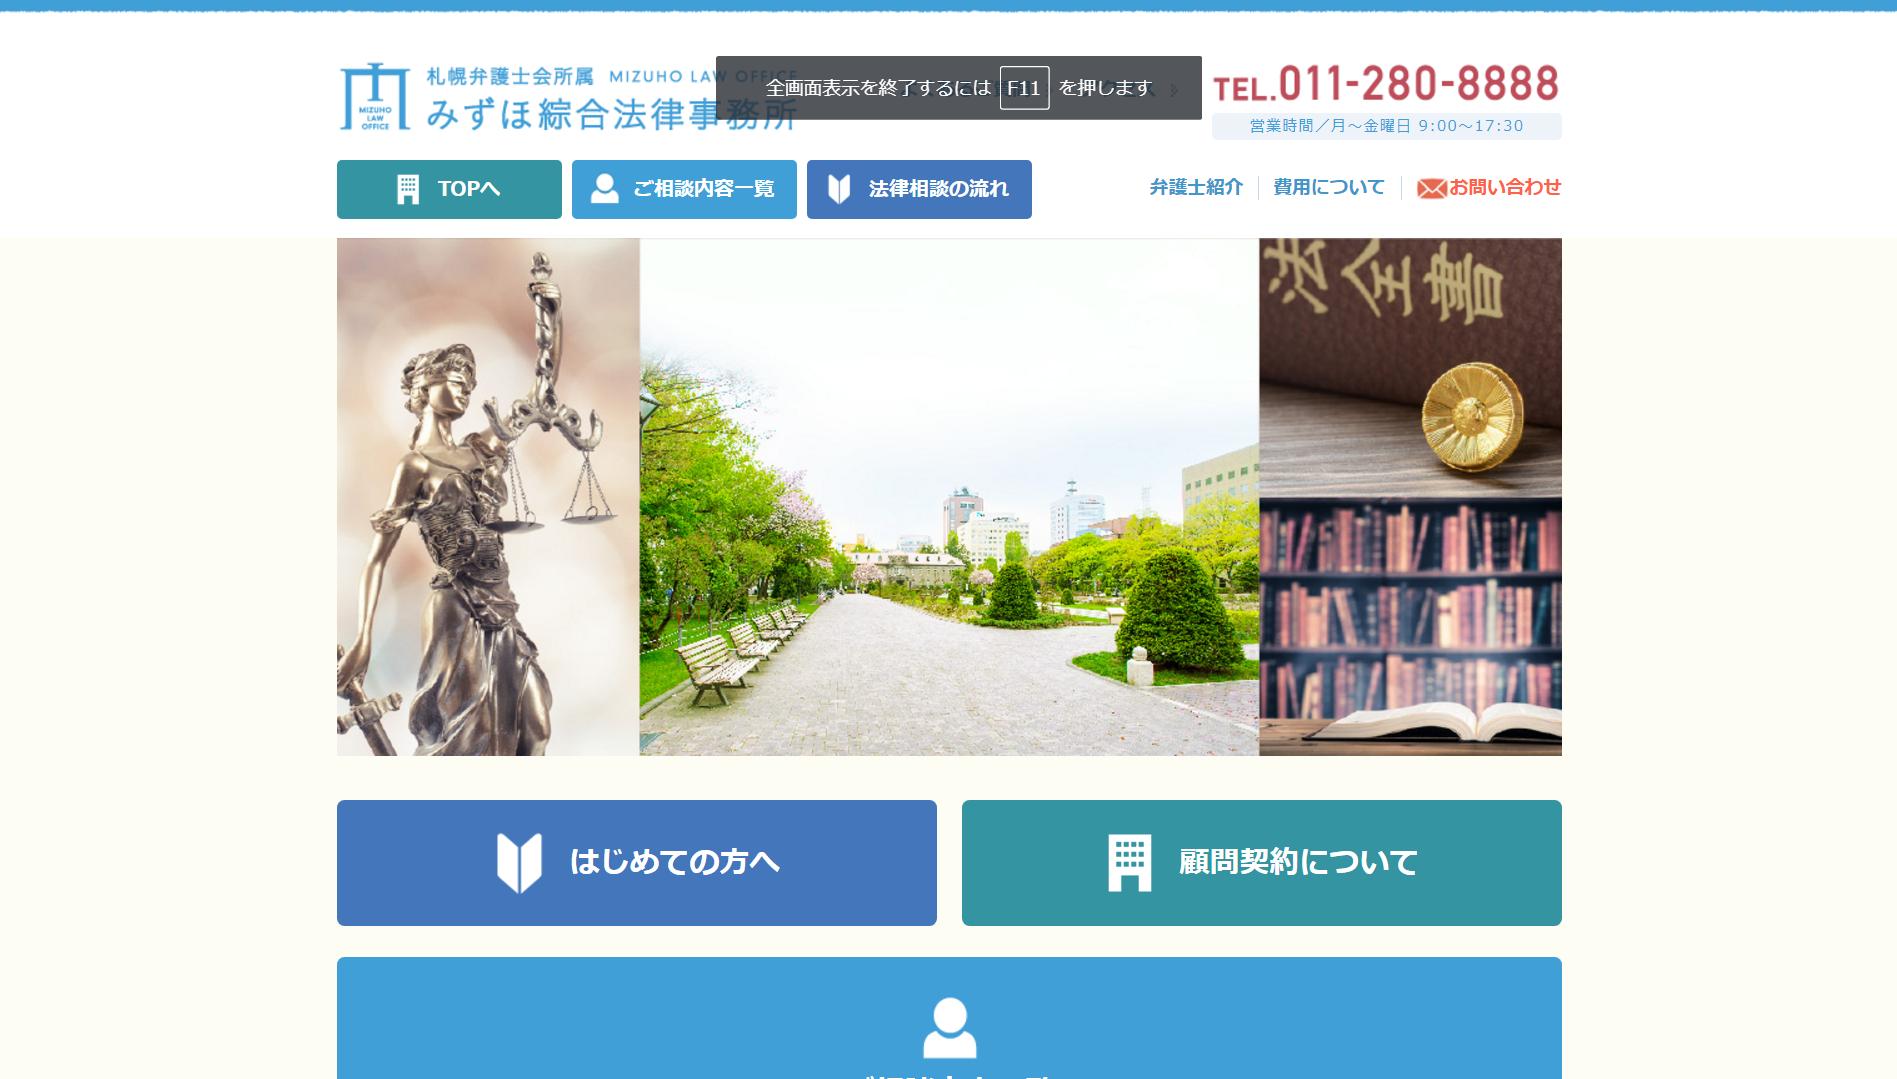 みずほ綜合法律事務所(北海道札幌市中央区)